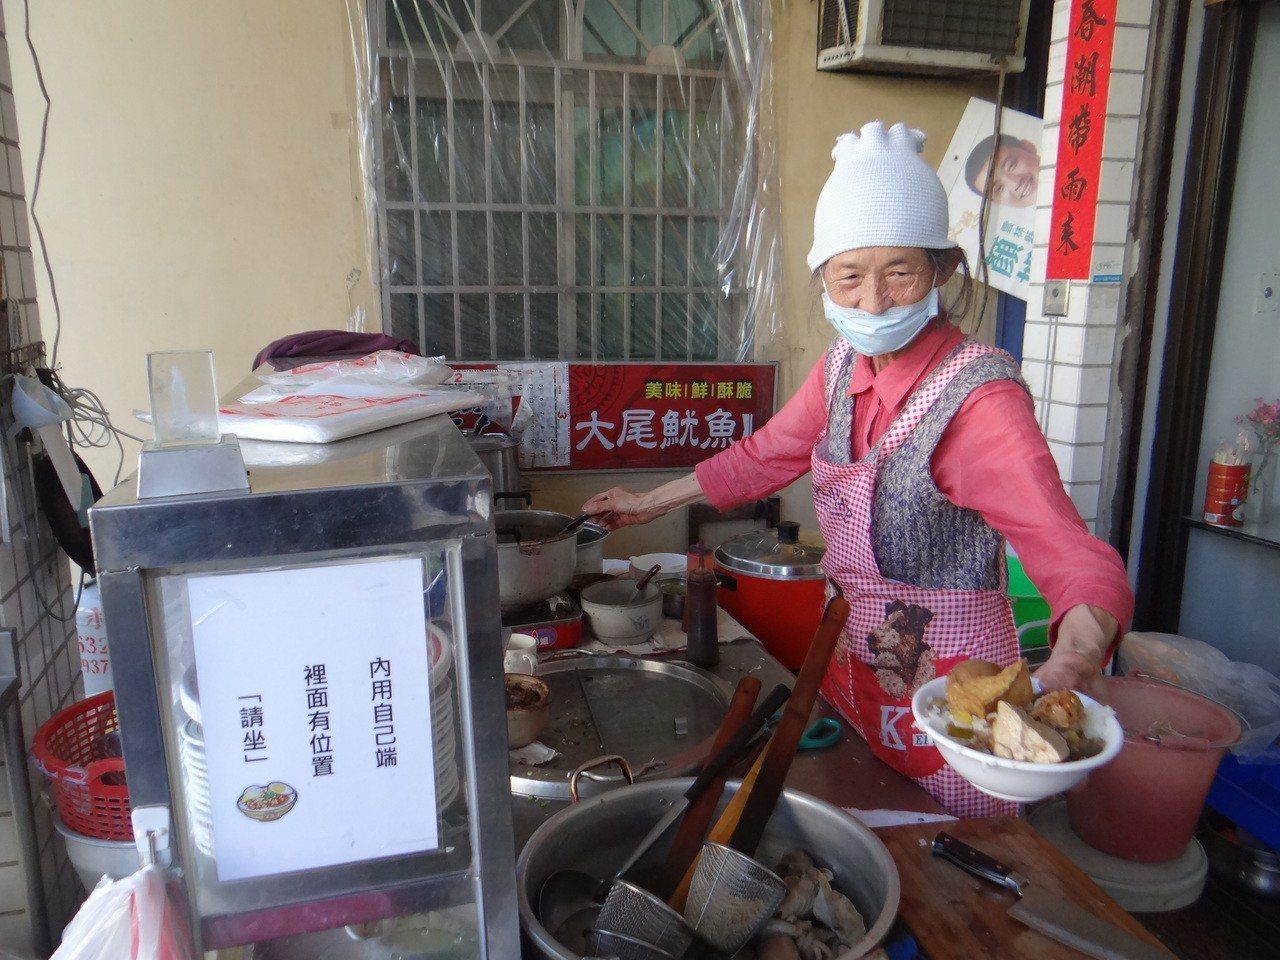 婆婆每天辛苦張羅飯菜,加魯蛋和油豆腐一大碗滿滿的魯肉飯才賣20元。記者蔡維斌/攝...